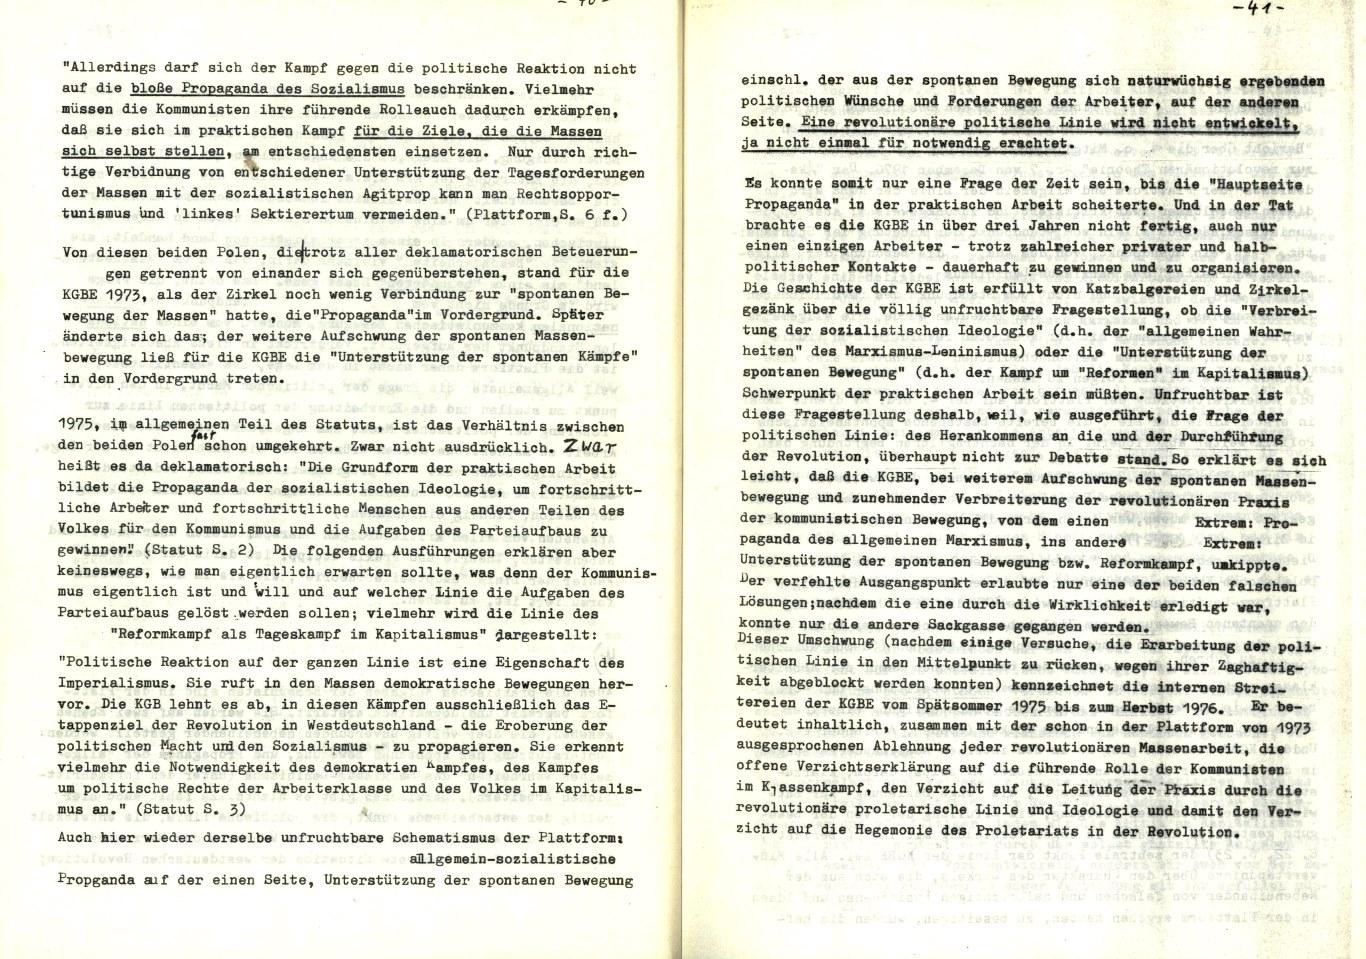 KGBE_Ehemalige_1977_Kritik_an_der_KGBE_24